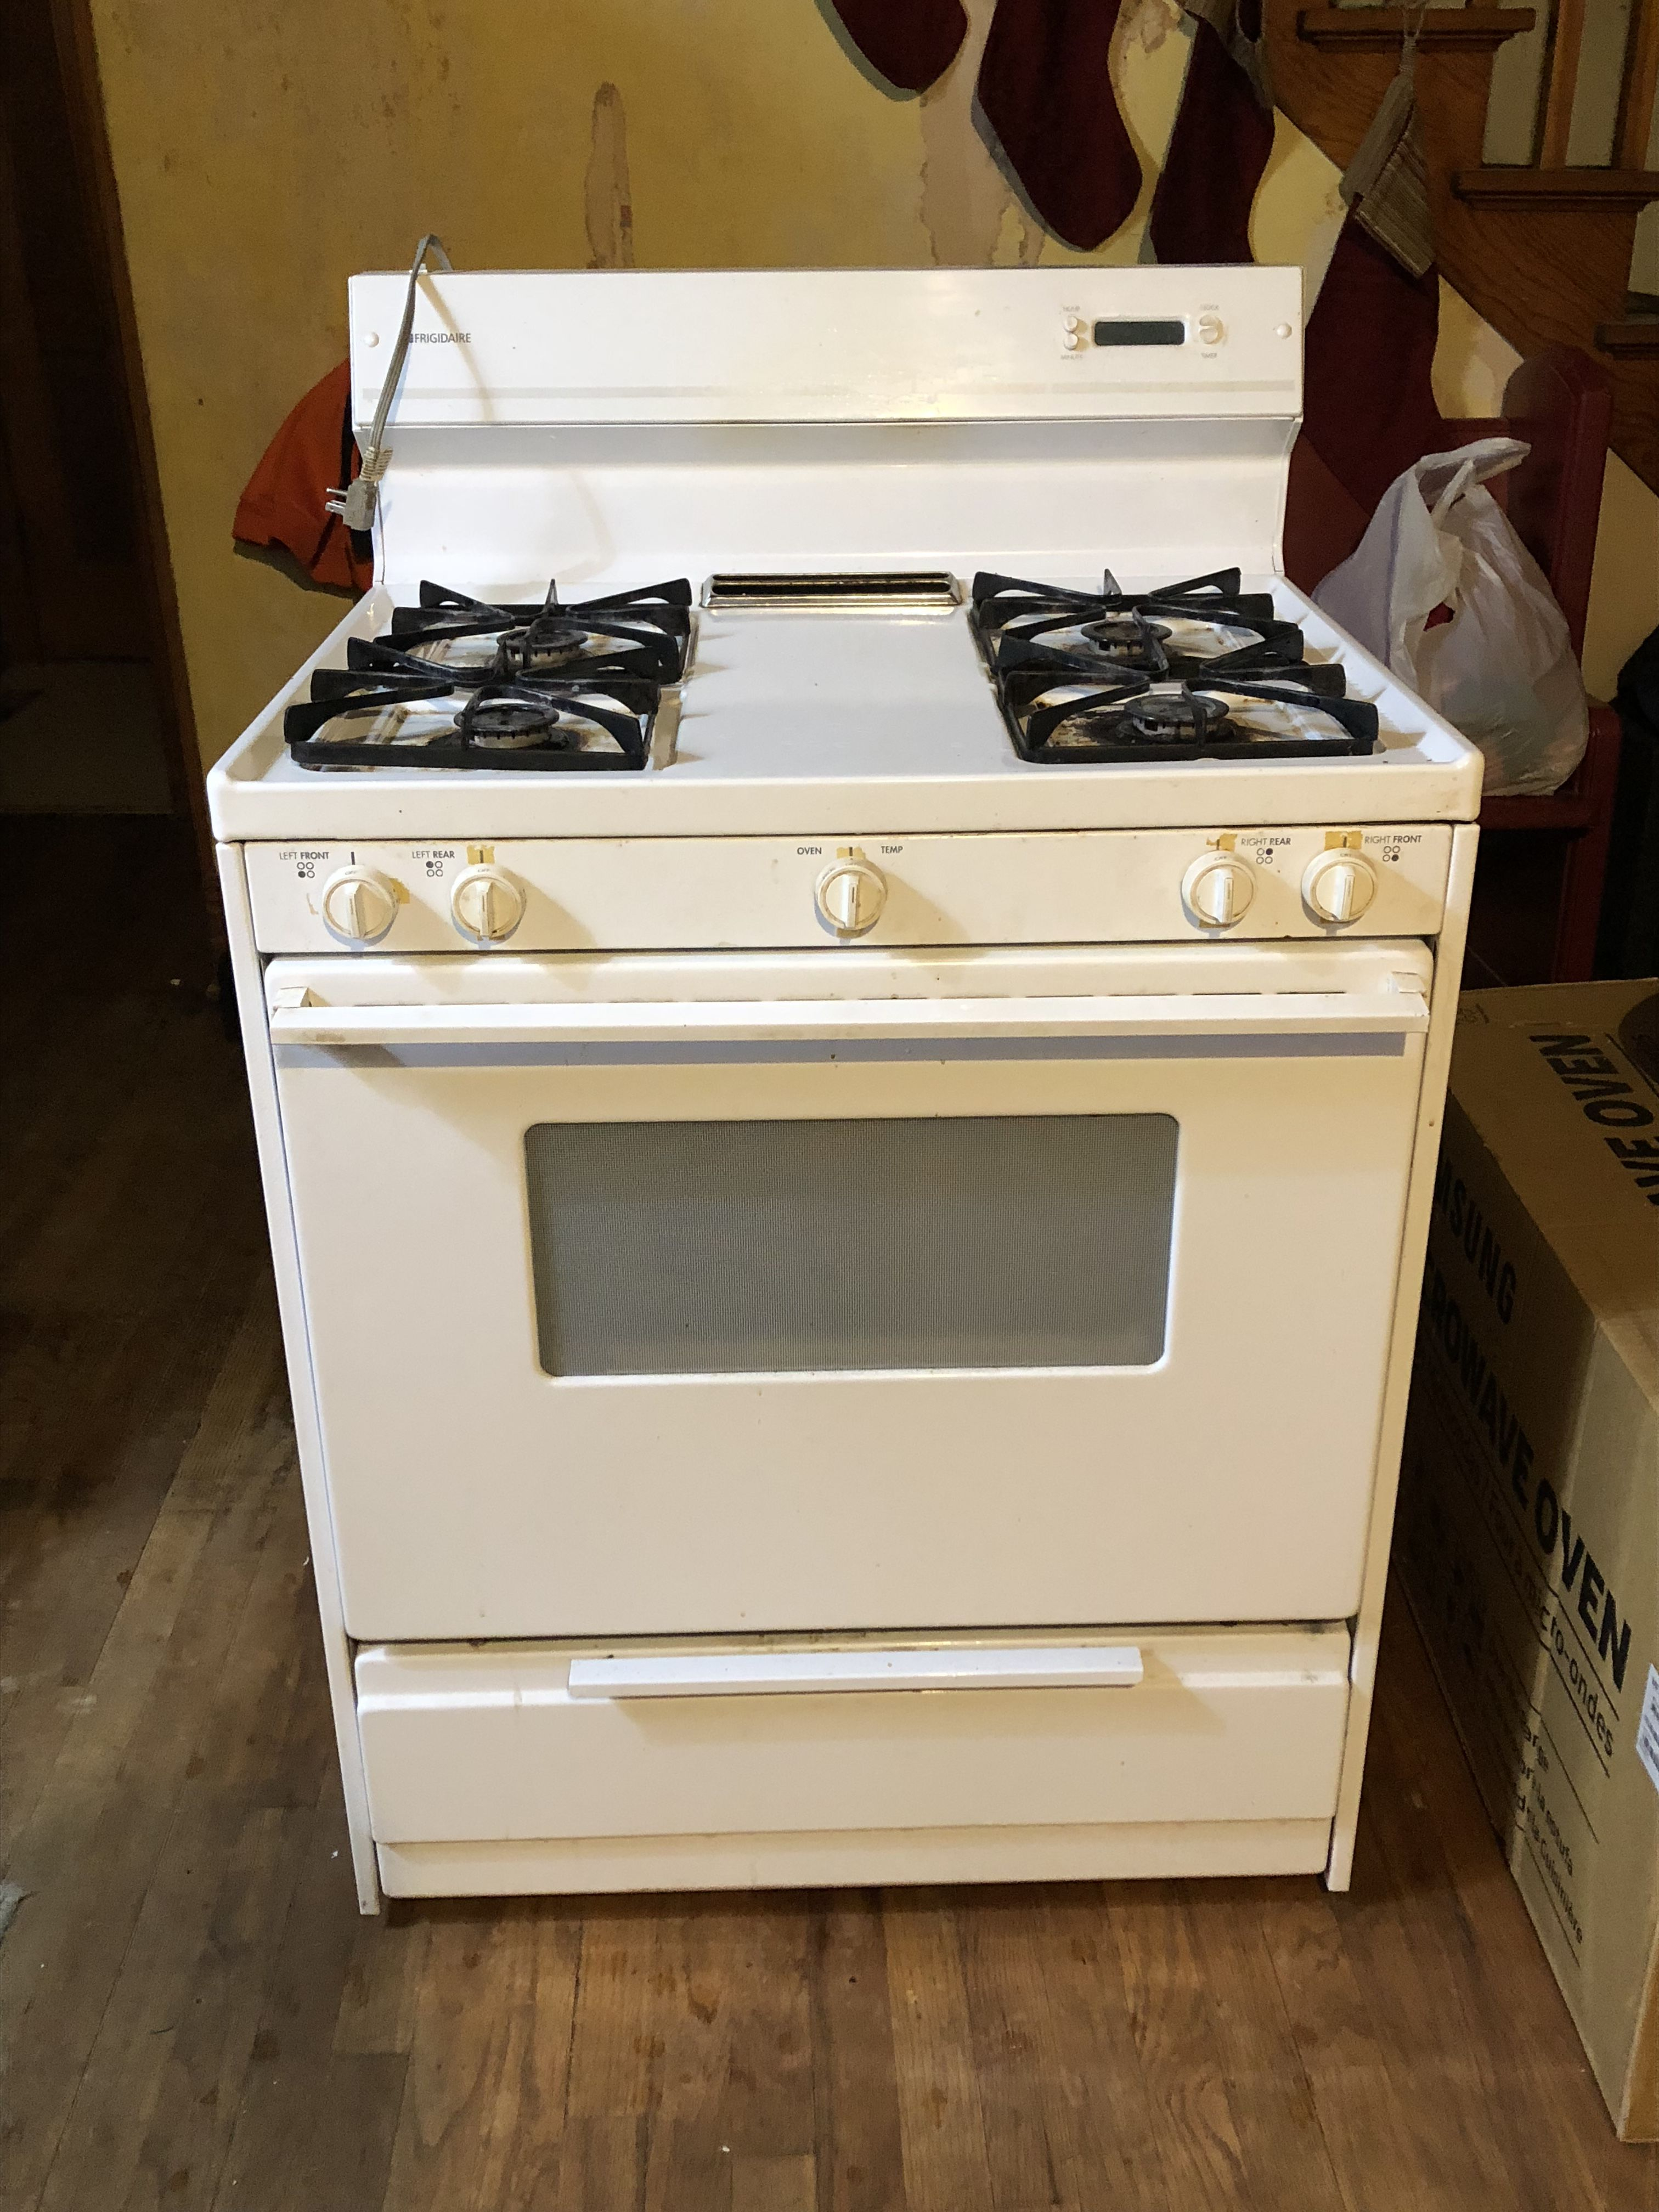 Stove & dishwasher image 1